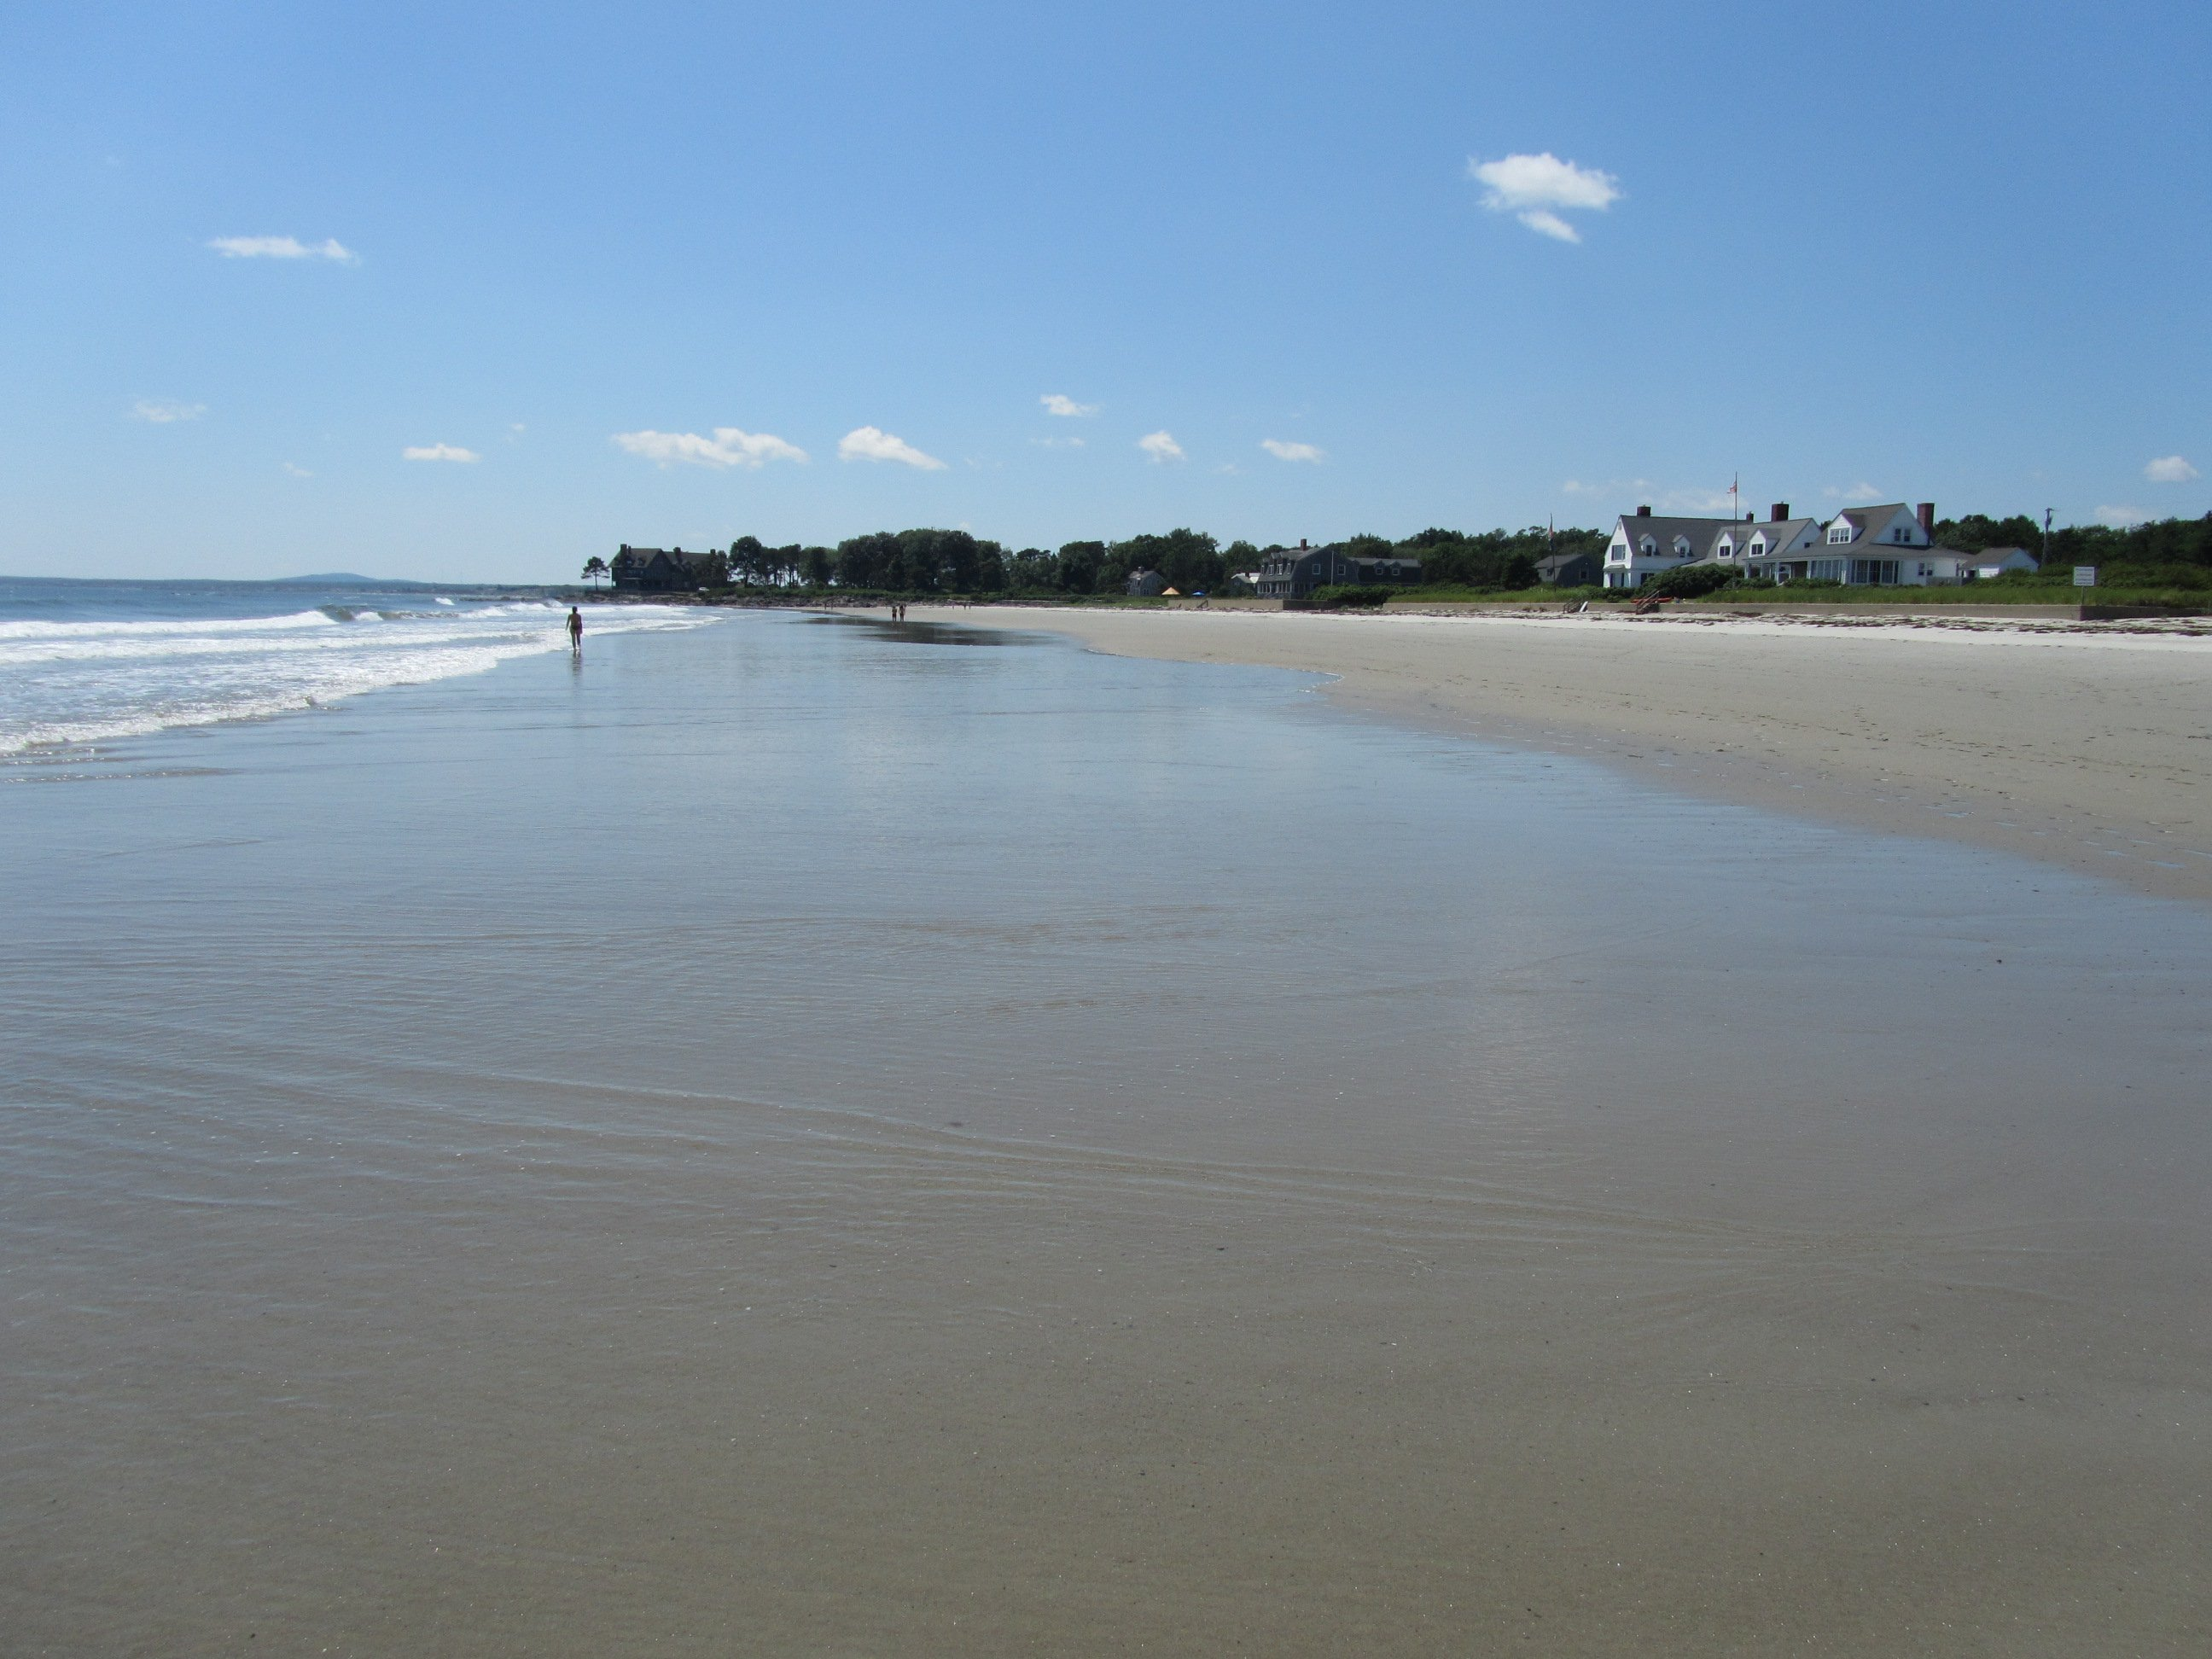 Beach in Kennebunk